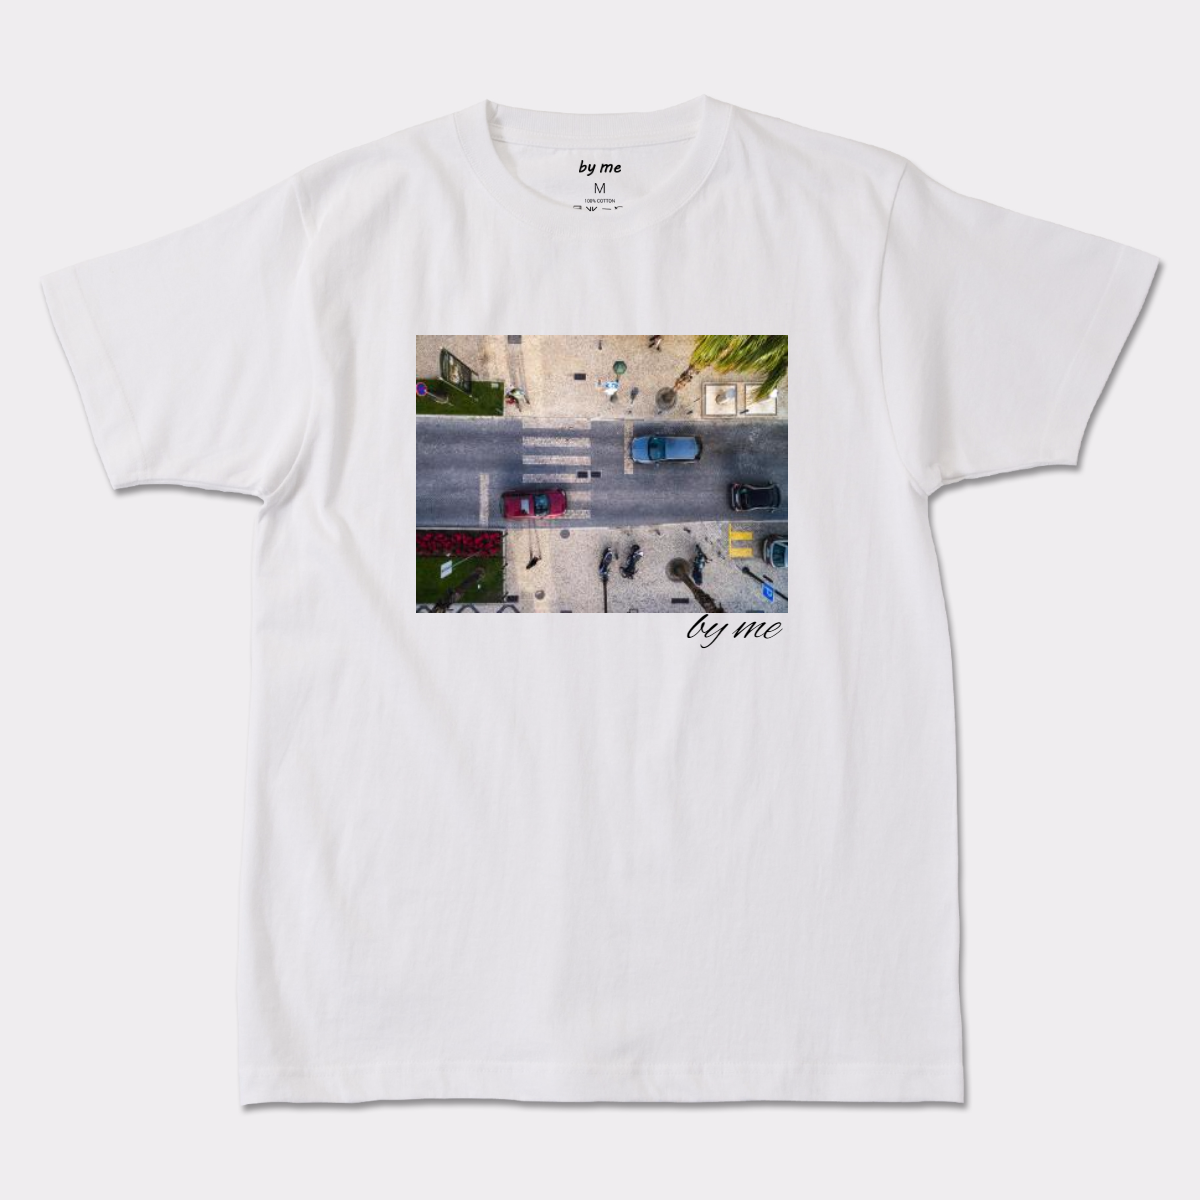 by meのメンズ Tシャツ RDBM